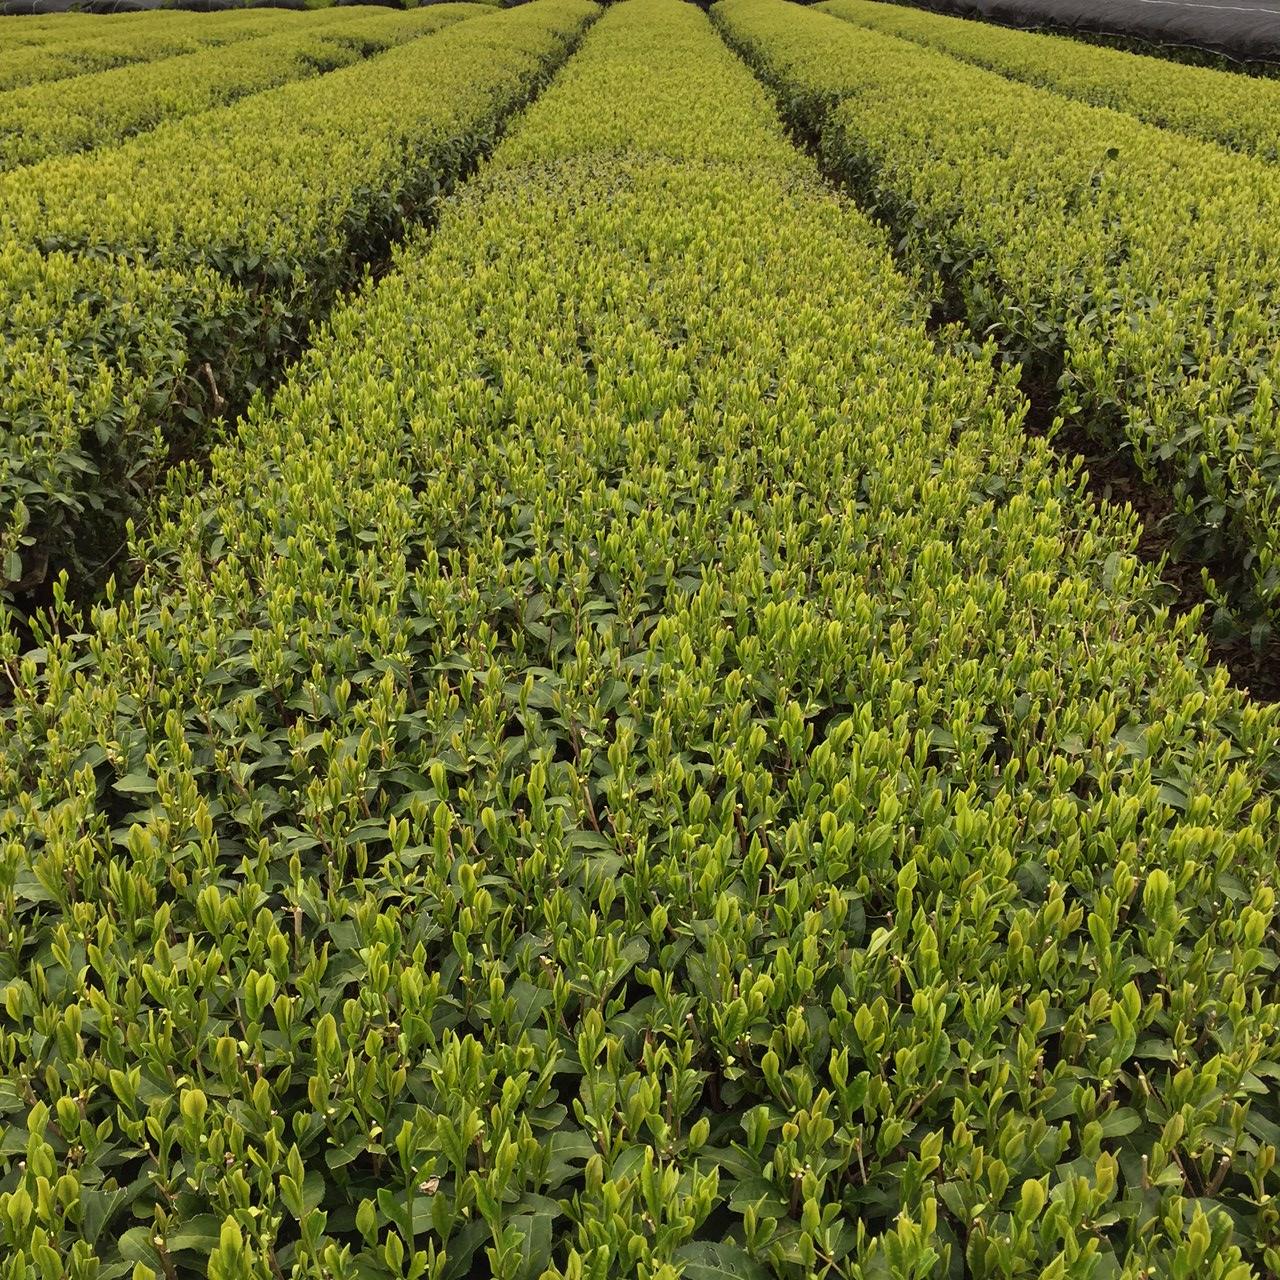 2017年4月20日かごしま緑茶の茶園風景です。品種はヤブキタです。小さな新芽成長中。